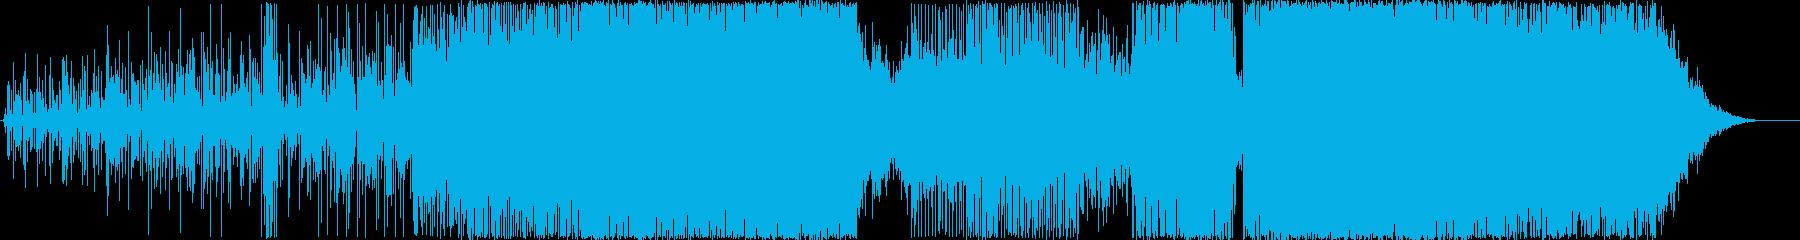 エレクトロハウス。クレッシェンドと...の再生済みの波形